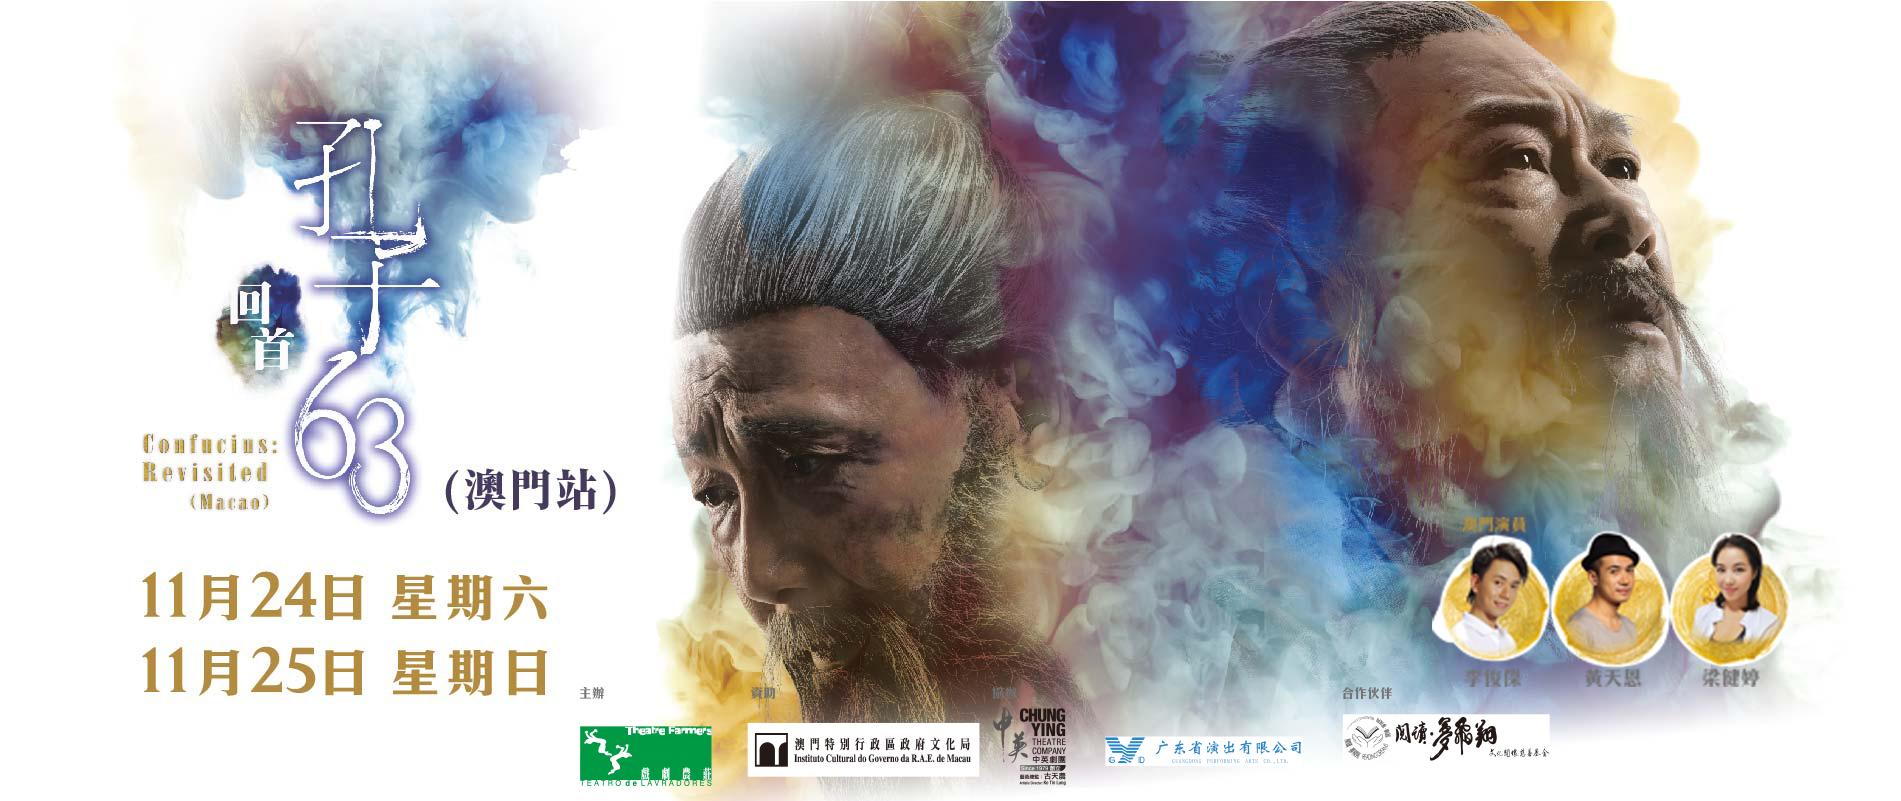 《孔子∙回首63》(澳門站) -澳門威尼斯人劇場